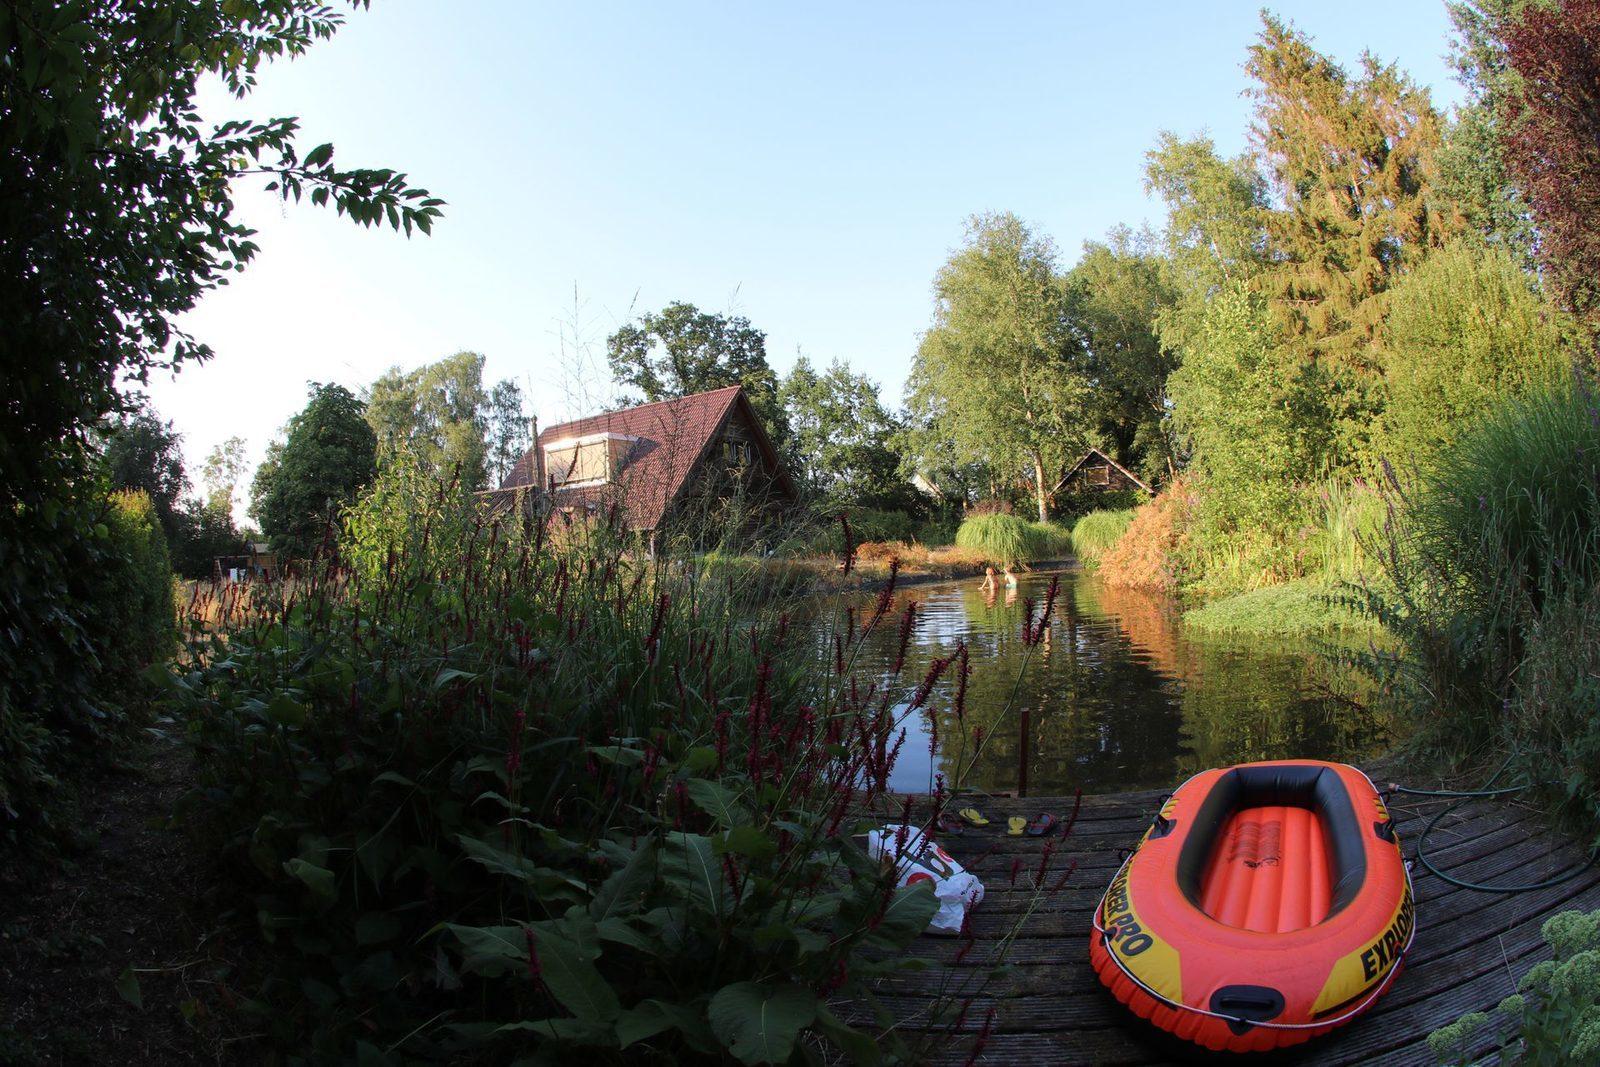 Vakantiehuis Stoffels aan de rand van de Veluwe in Gelderland